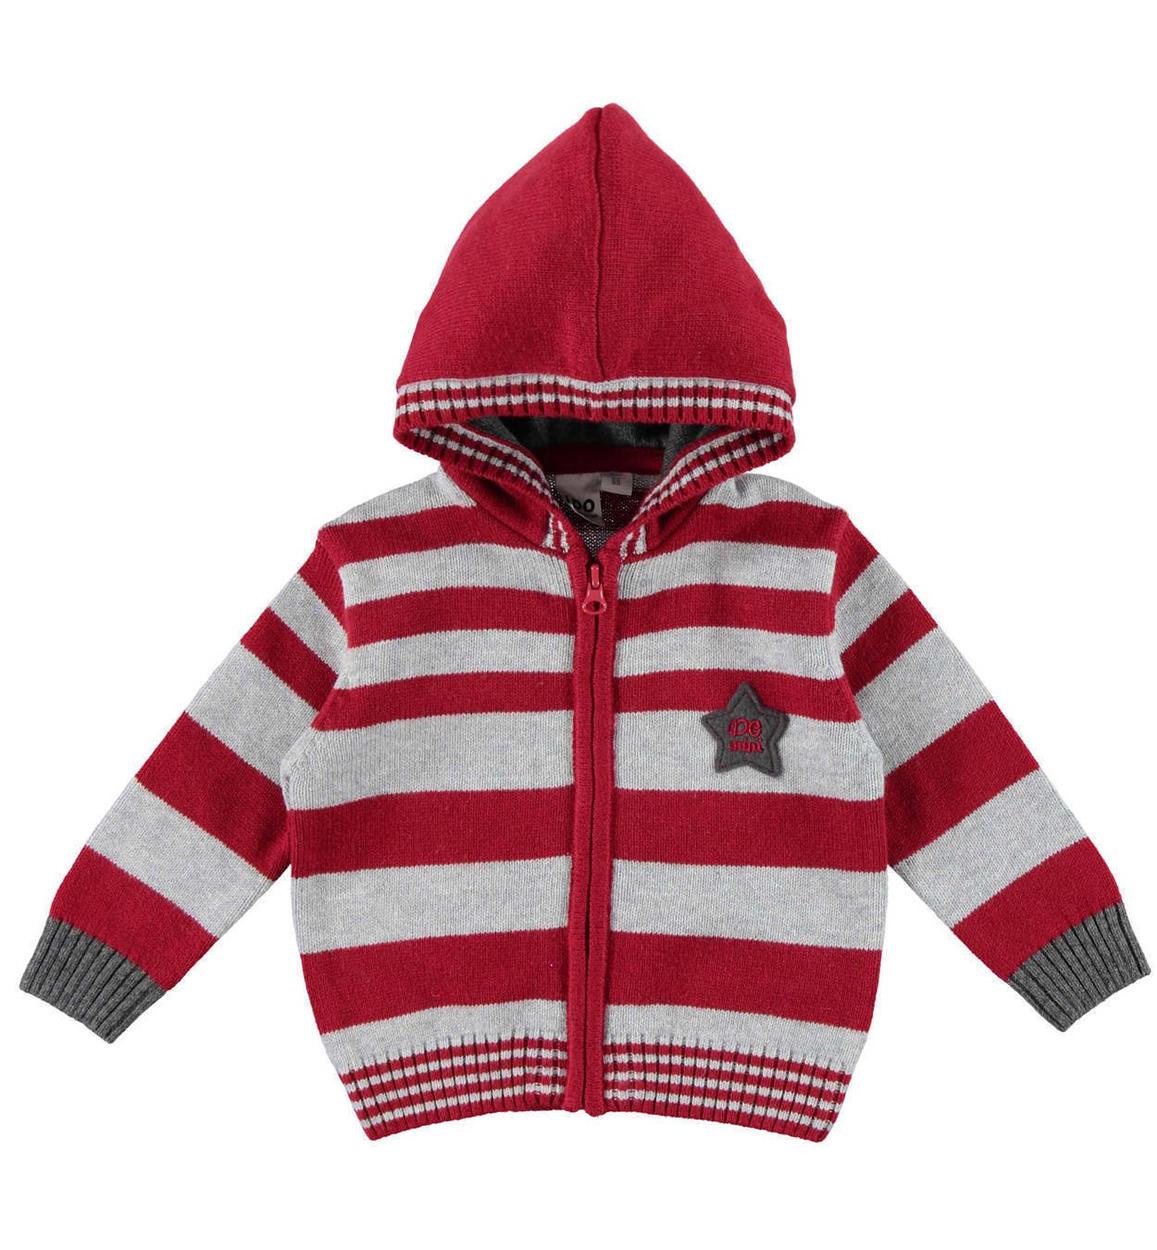 estetica di lusso raccolta di sconti foto ufficiali Maglioncino full zip con cappuccio e motivo a righe per neonato da 0 a 18  mesi iDO